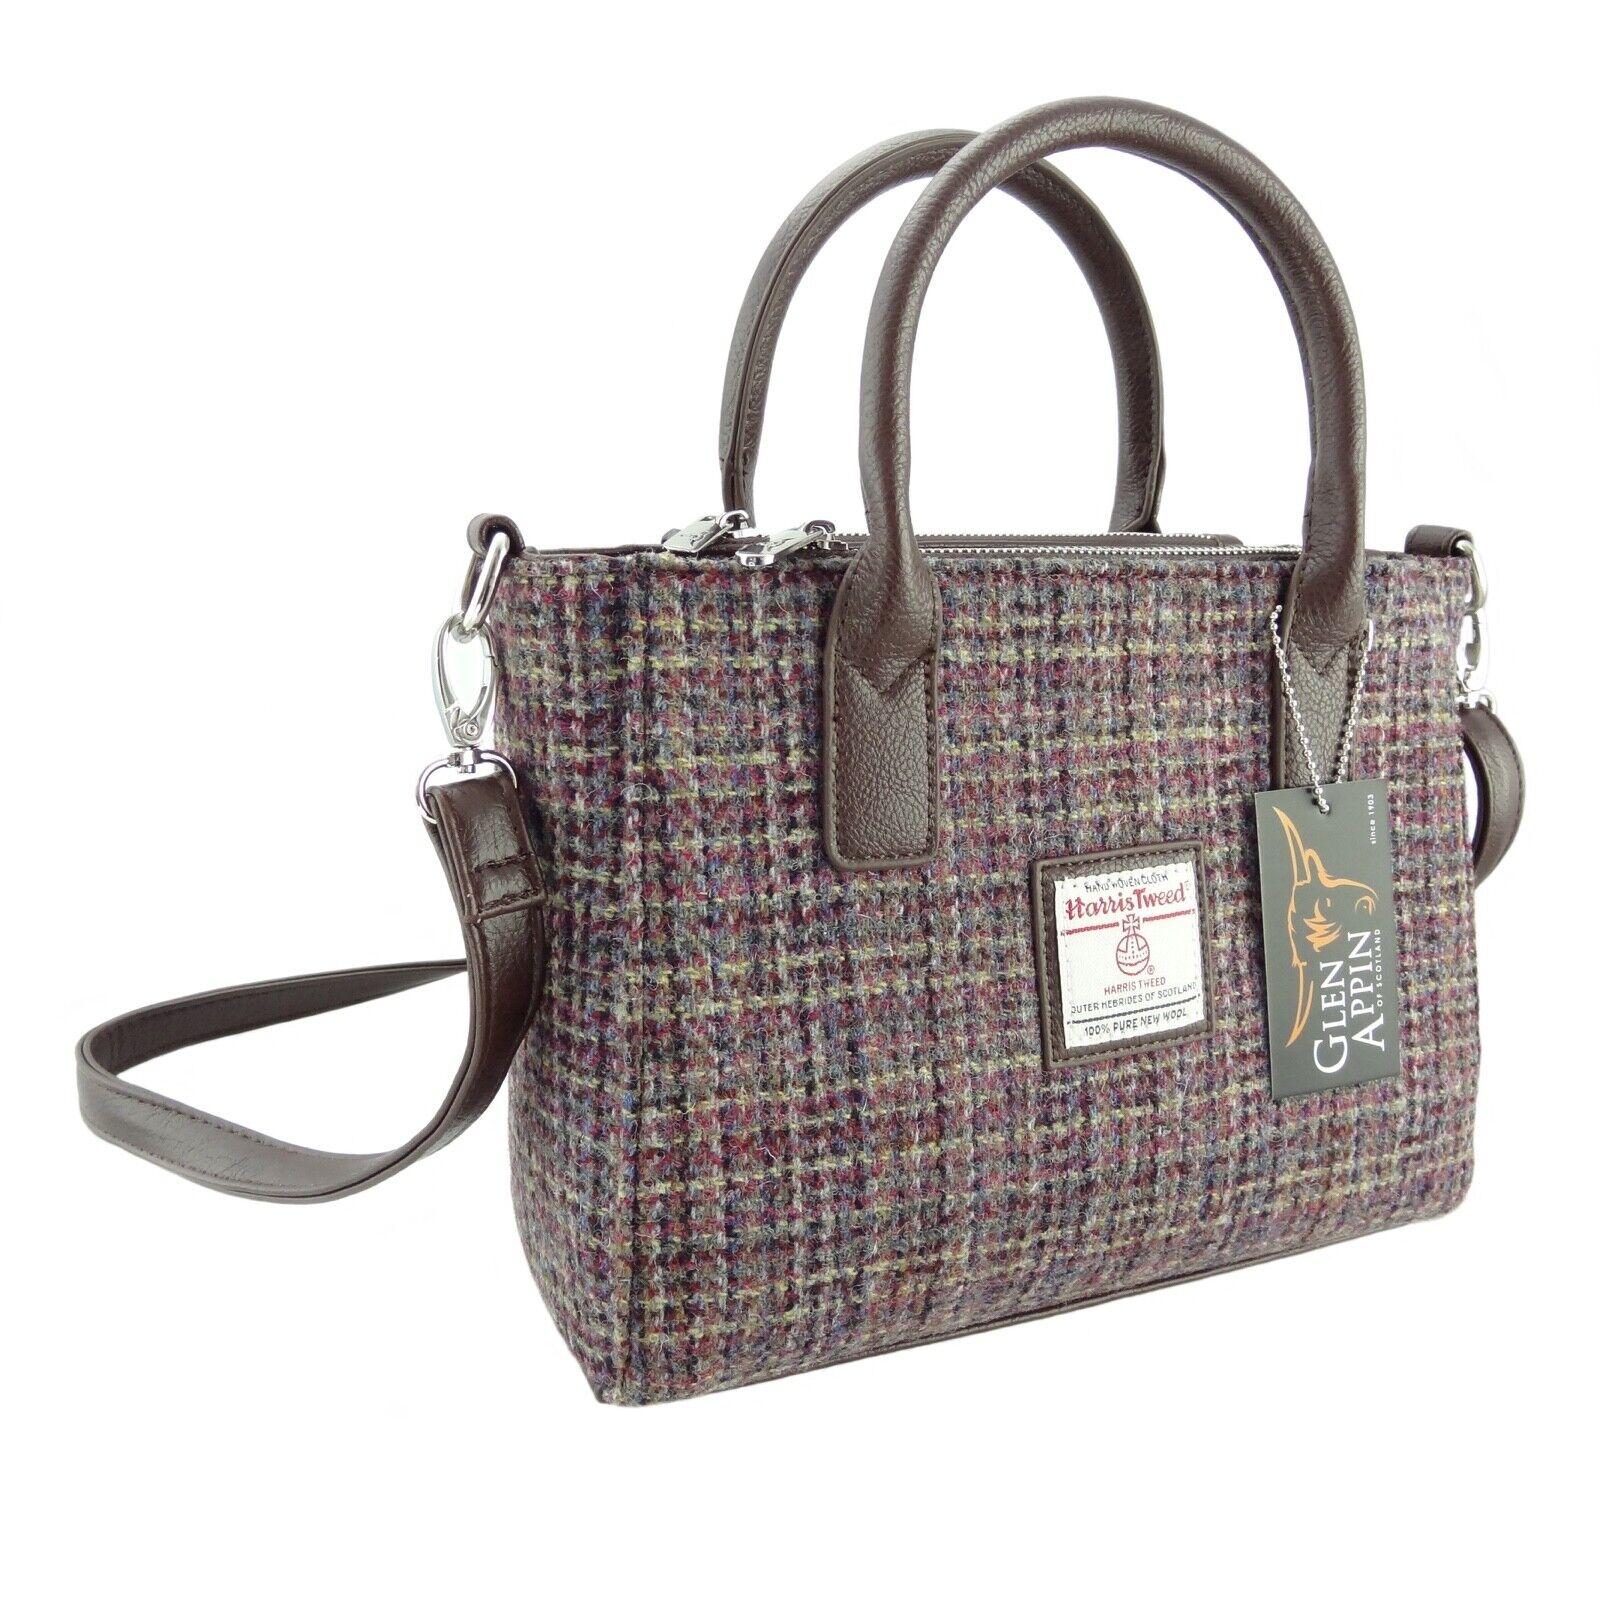 Authentic Ladies Harris Tweed Shoulder Bag Pale Pink LB1000 COL34